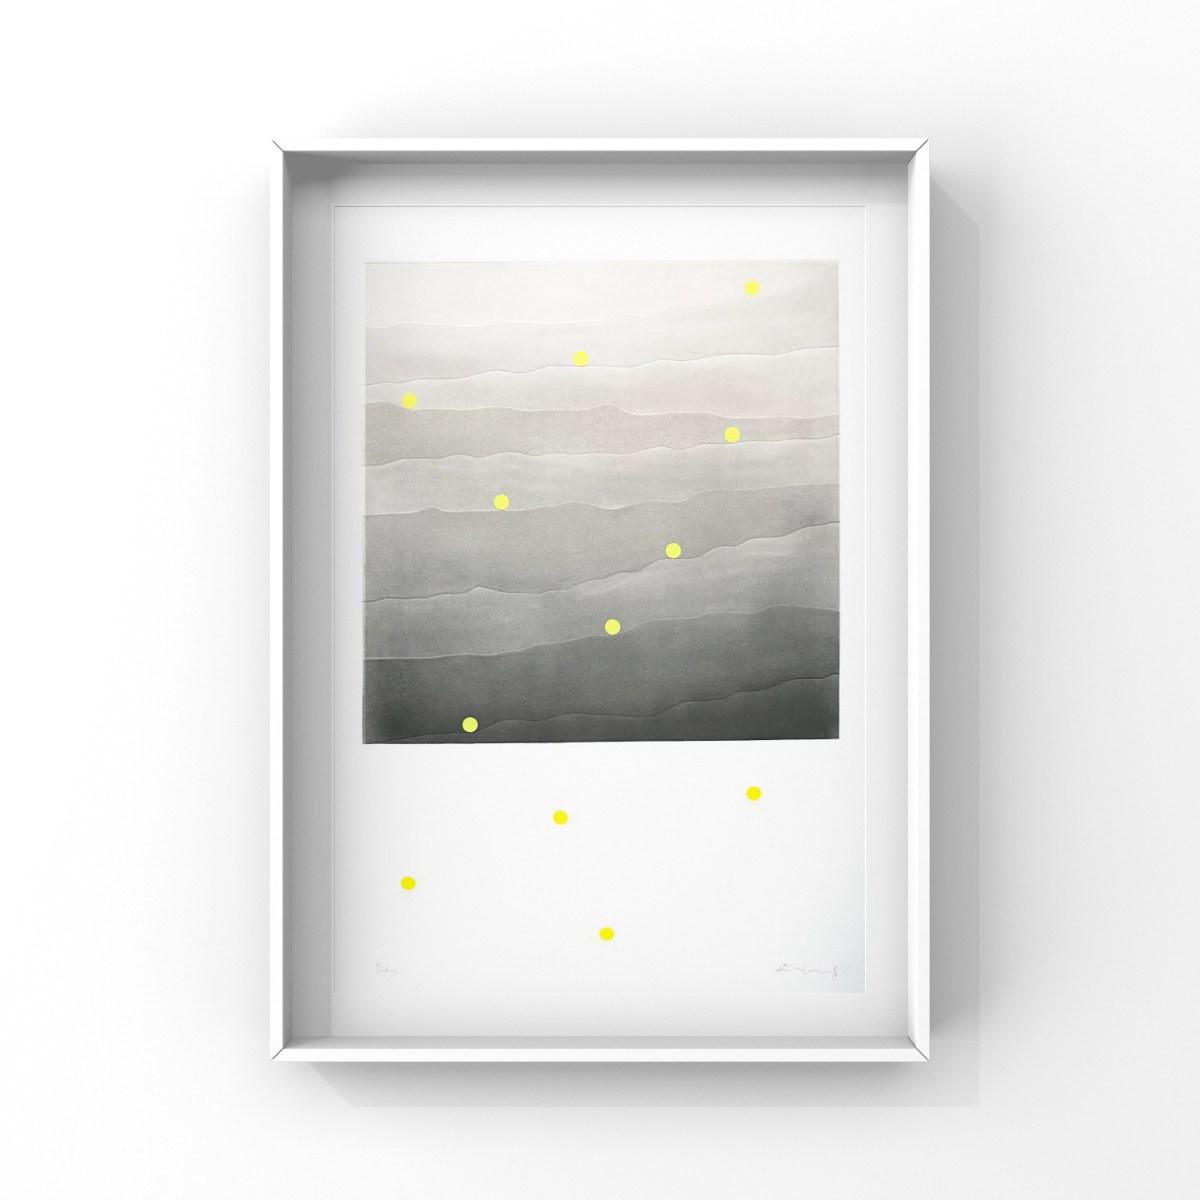 Carlos Vielma. Ondas 112x88 cm, grabado y tecnica mixta sobre papel